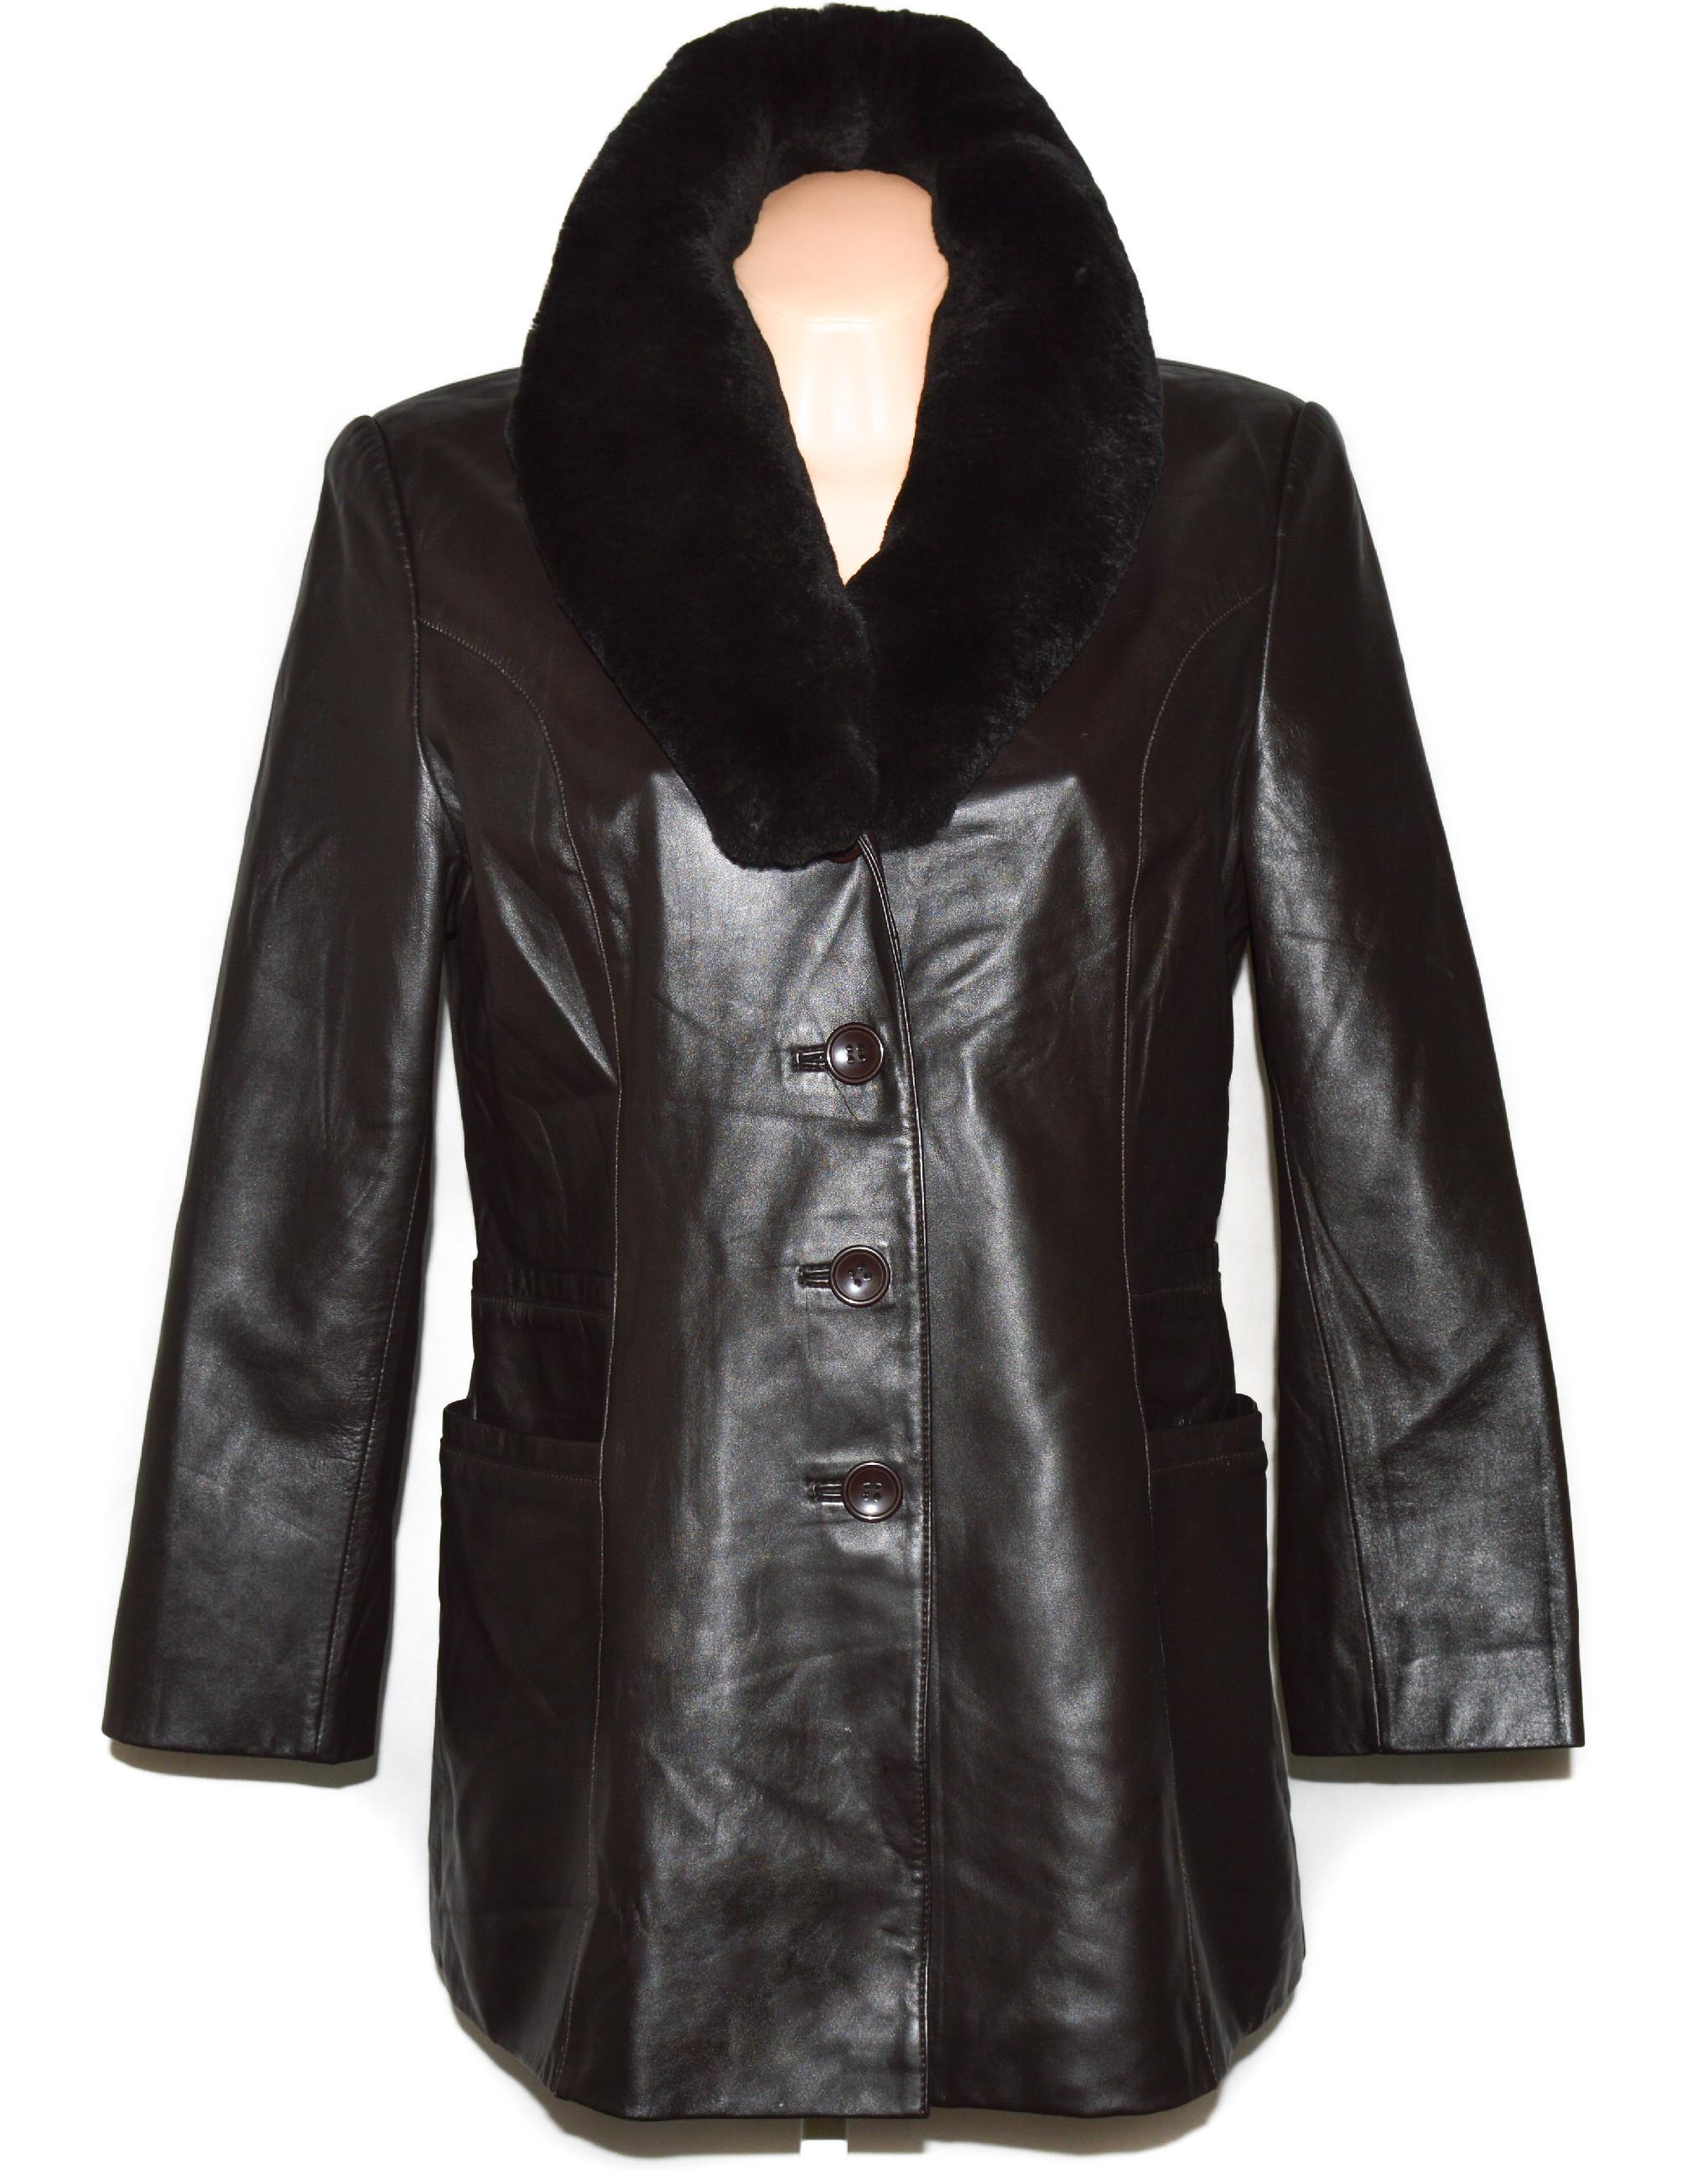 KOŽENÝ dámský hnědý měkký kabát s pravým kožíškem 40